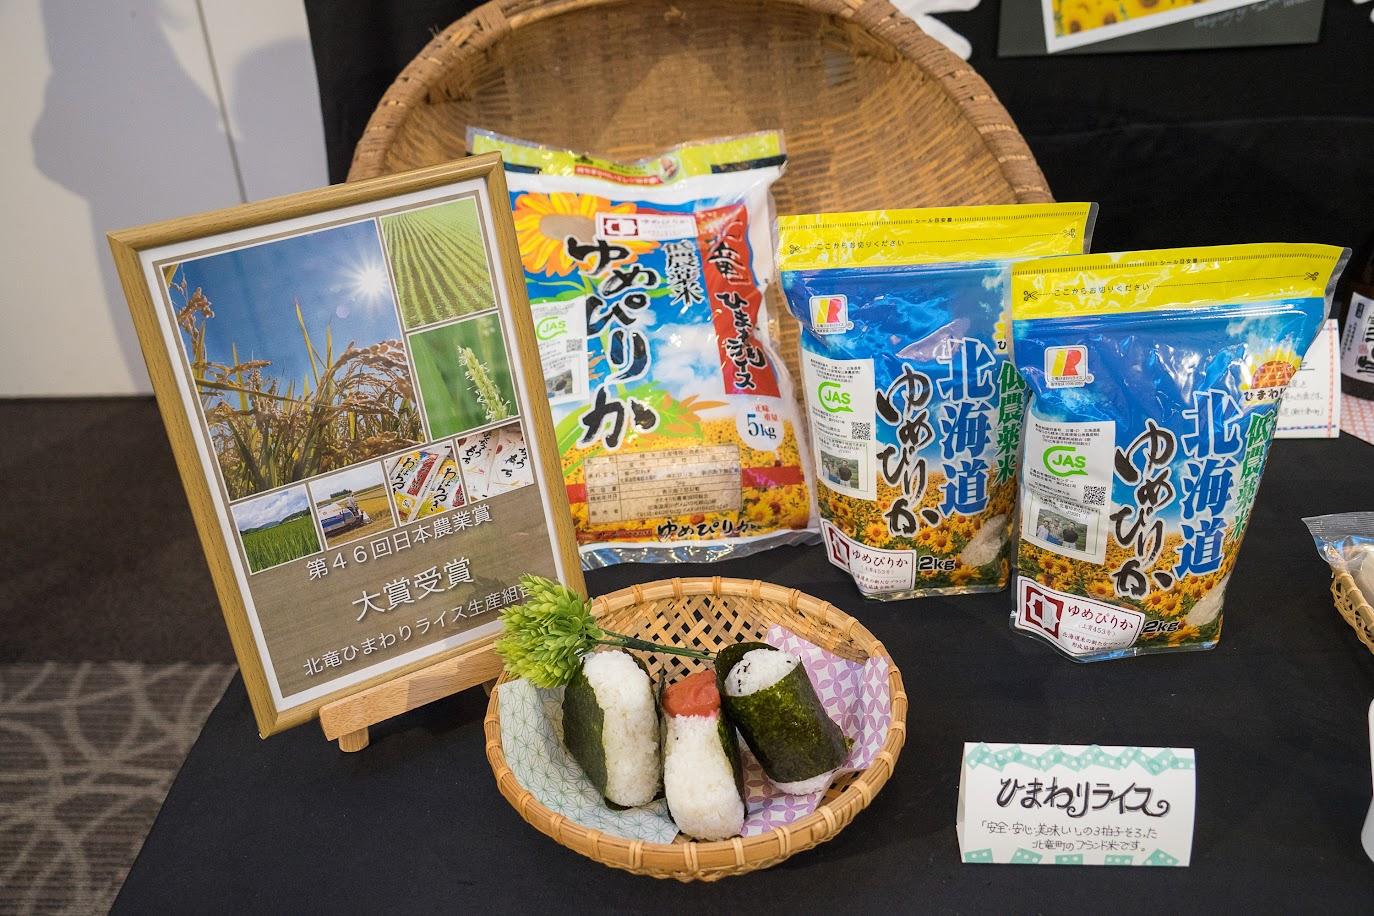 第46回日本農業賞大賞受賞「北竜ひまわり生産組合」のひまわりライス